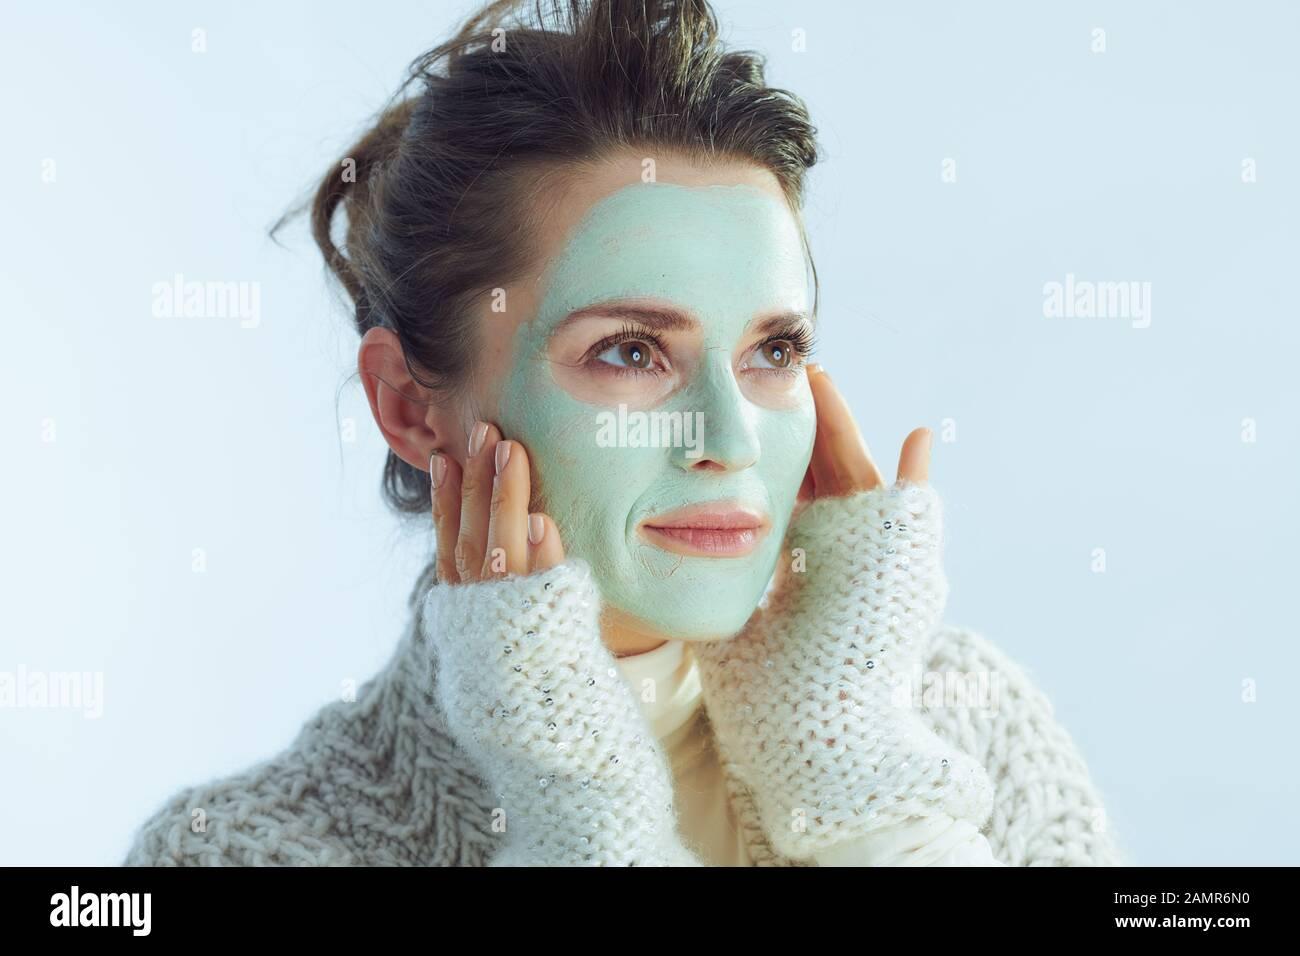 maschera viso 40 anni